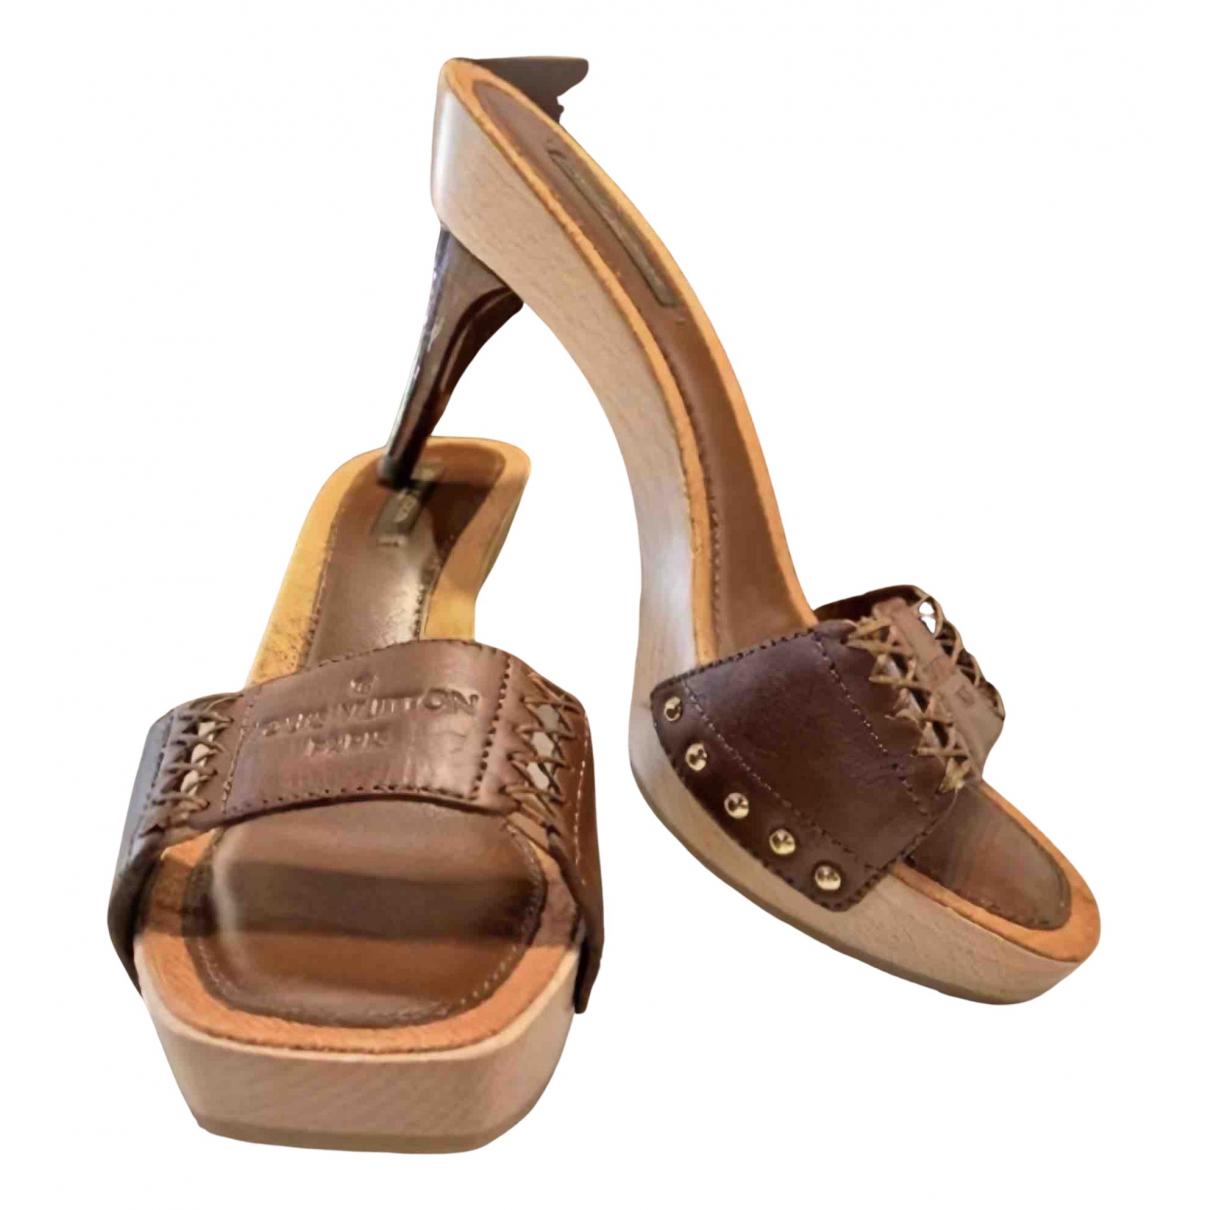 Louis Vuitton - Sandales   pour femme en cuir - marron